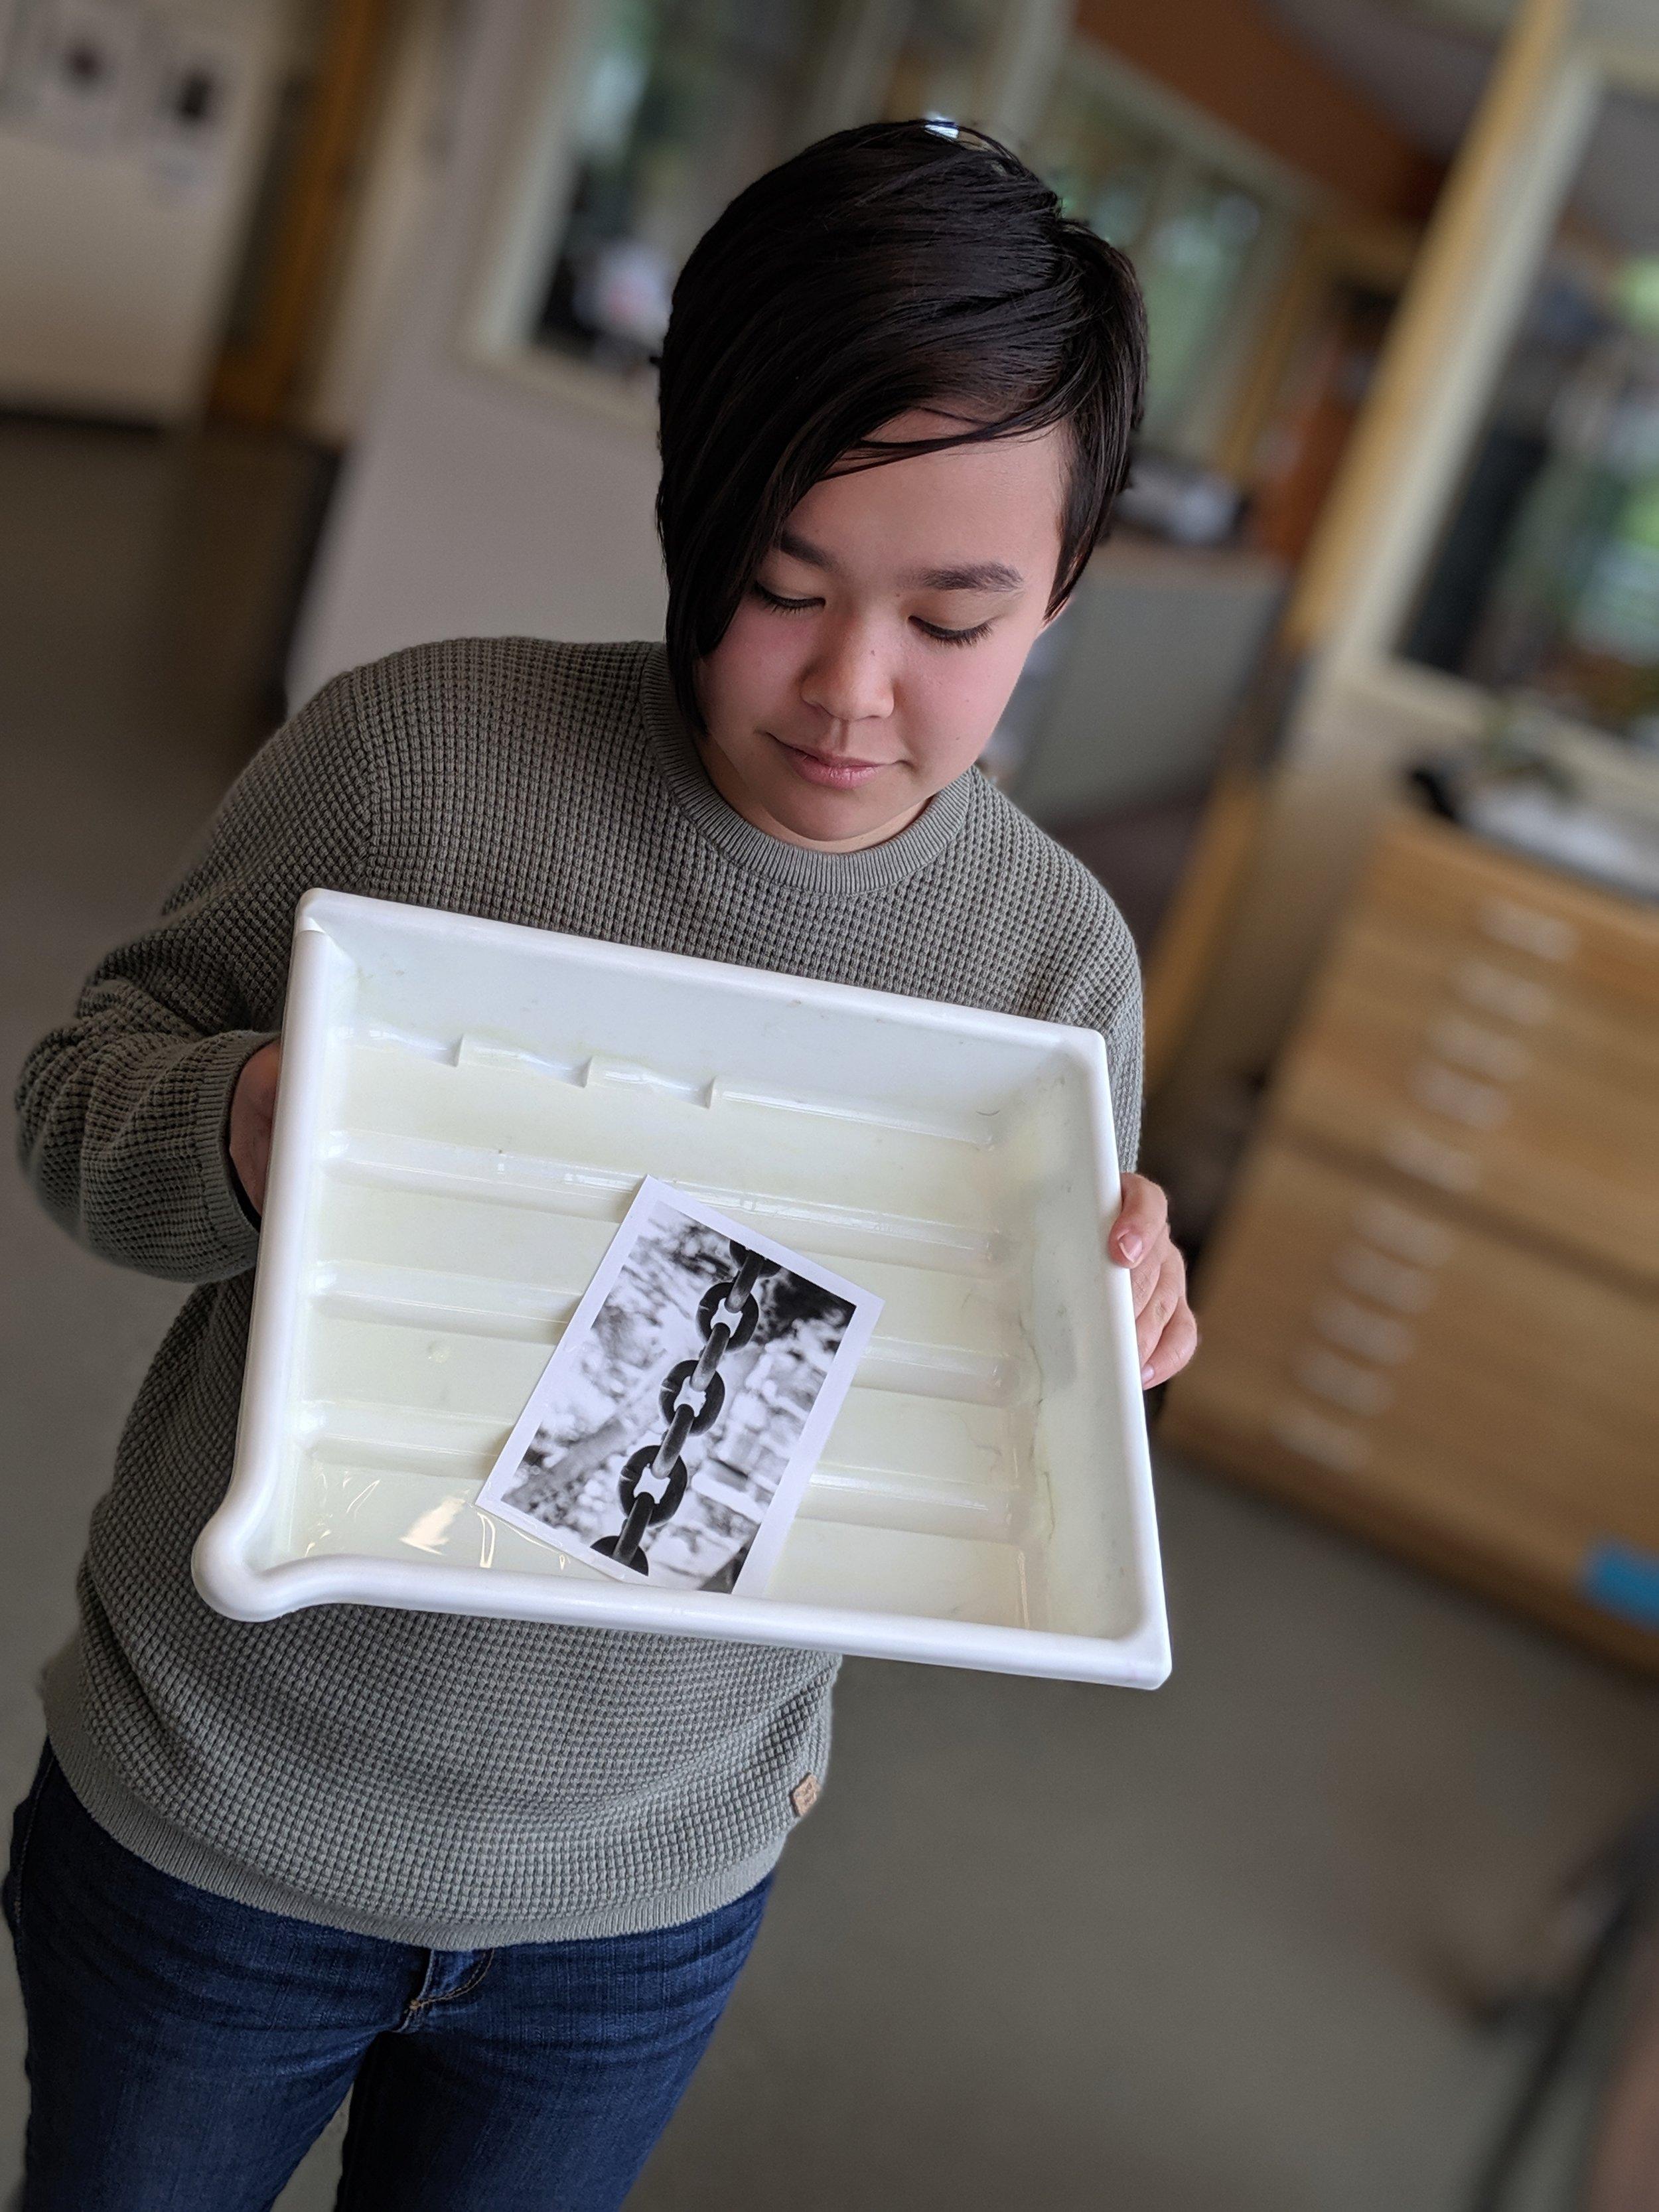 Audrey shows us her first darkroom print.